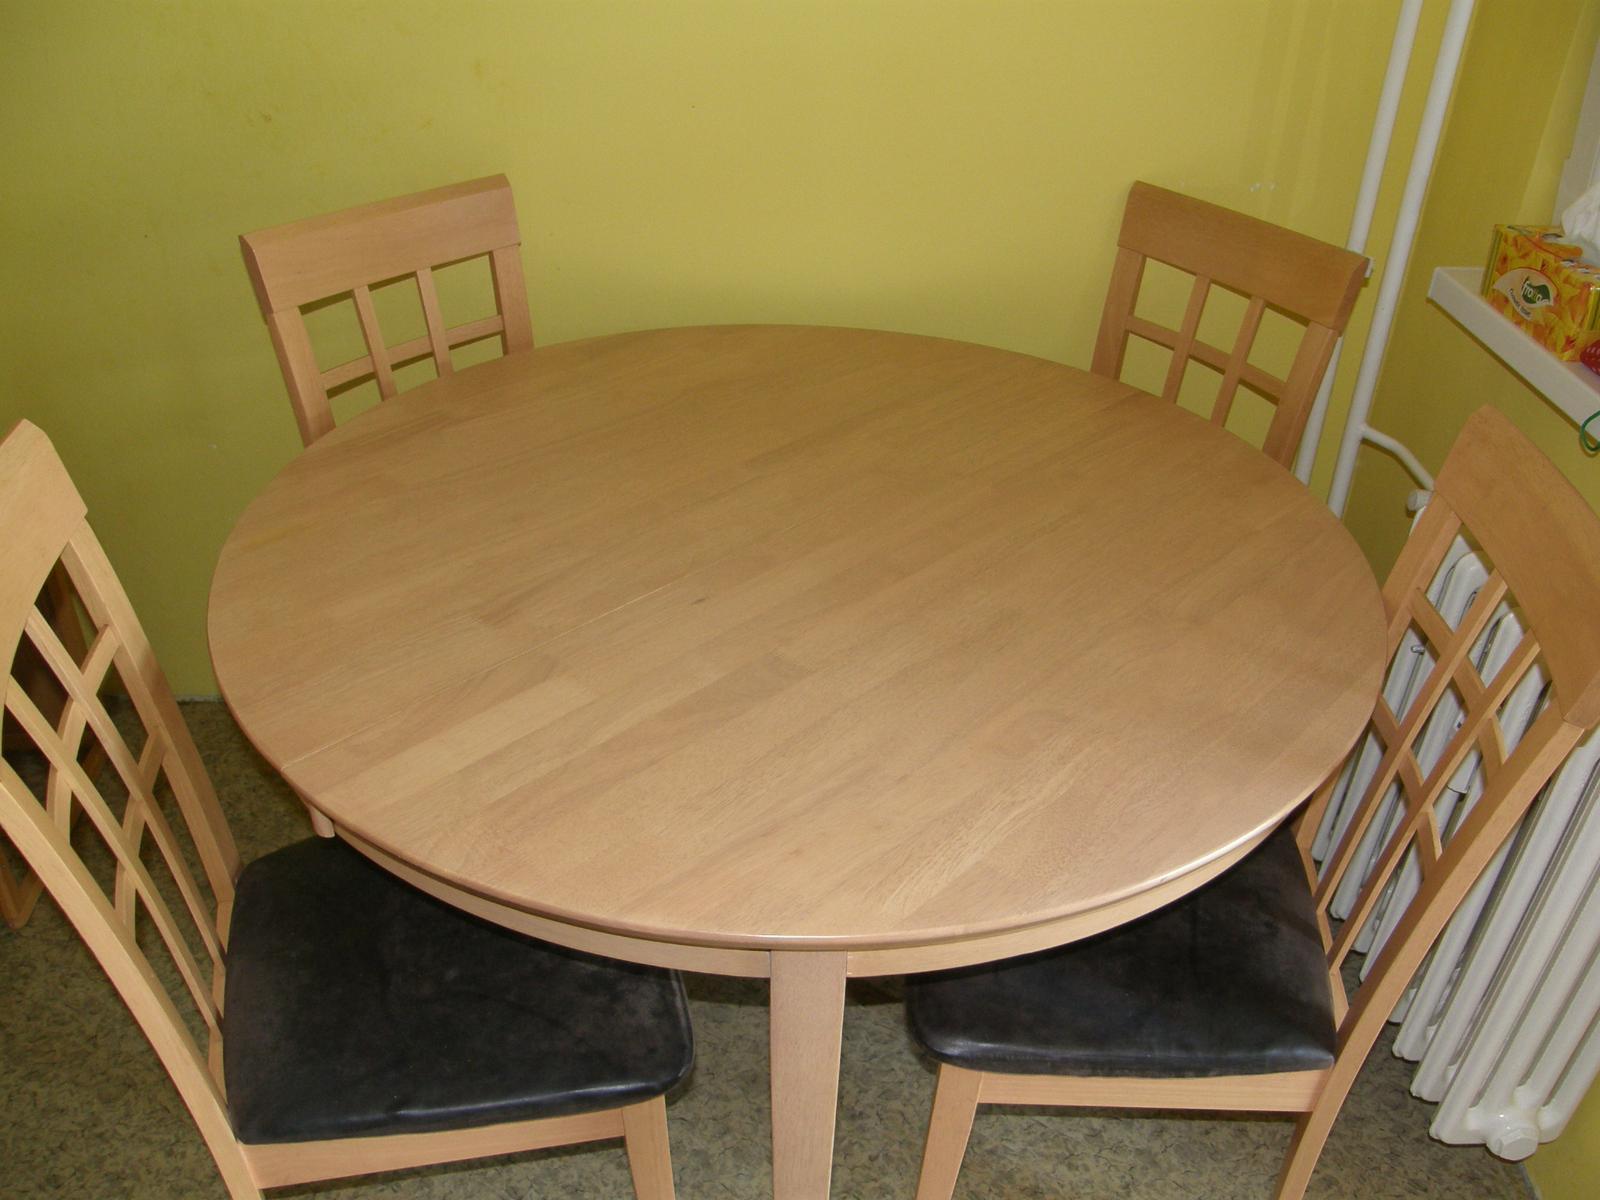 Jedálenský stol so stoličkami - Obrázok č. 1